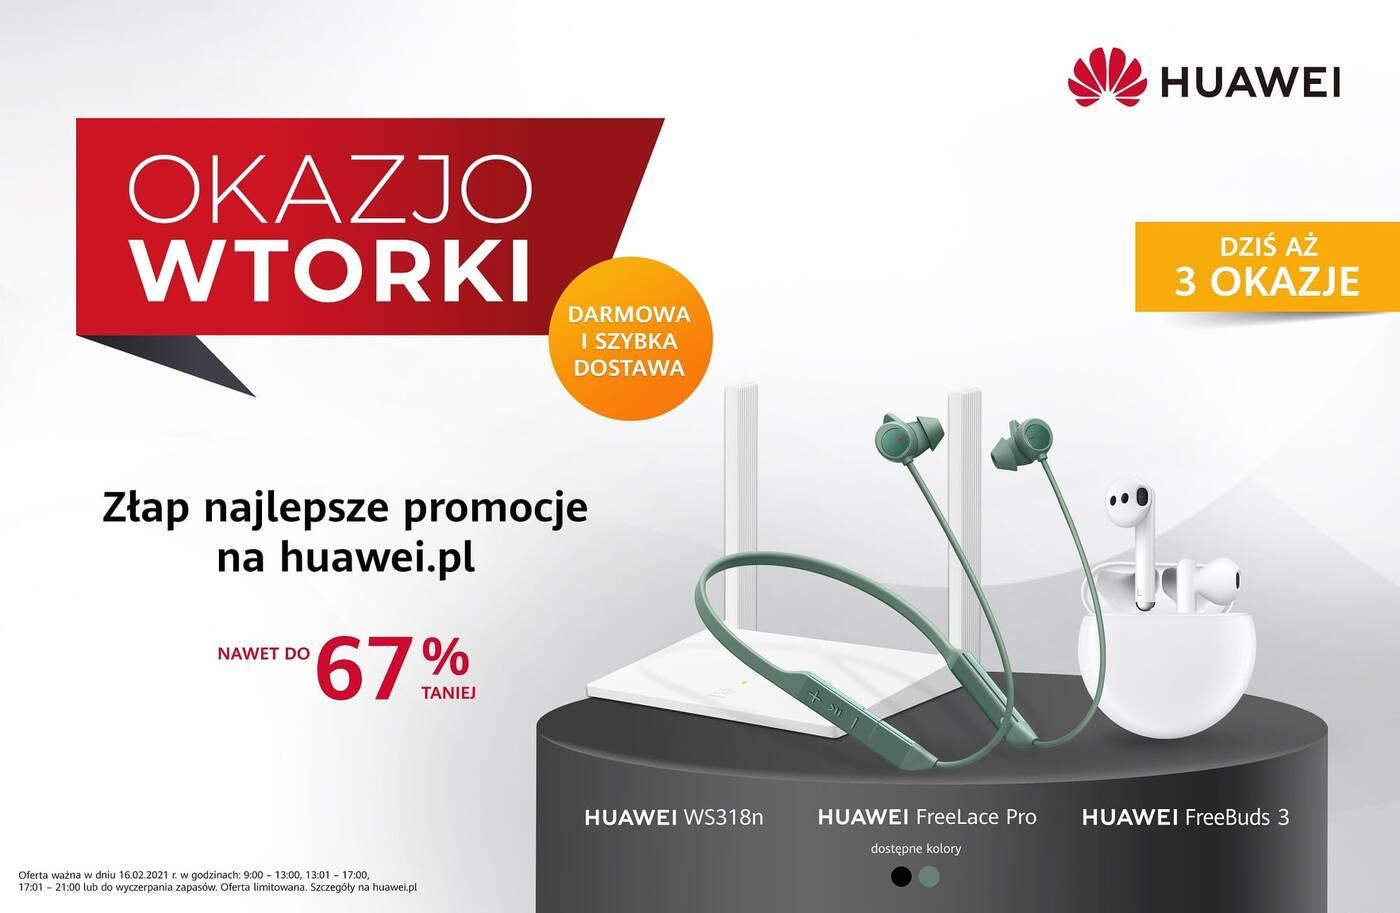 Aż trzy promocje na dzisiejszy OkazjoWTOREK Huawei